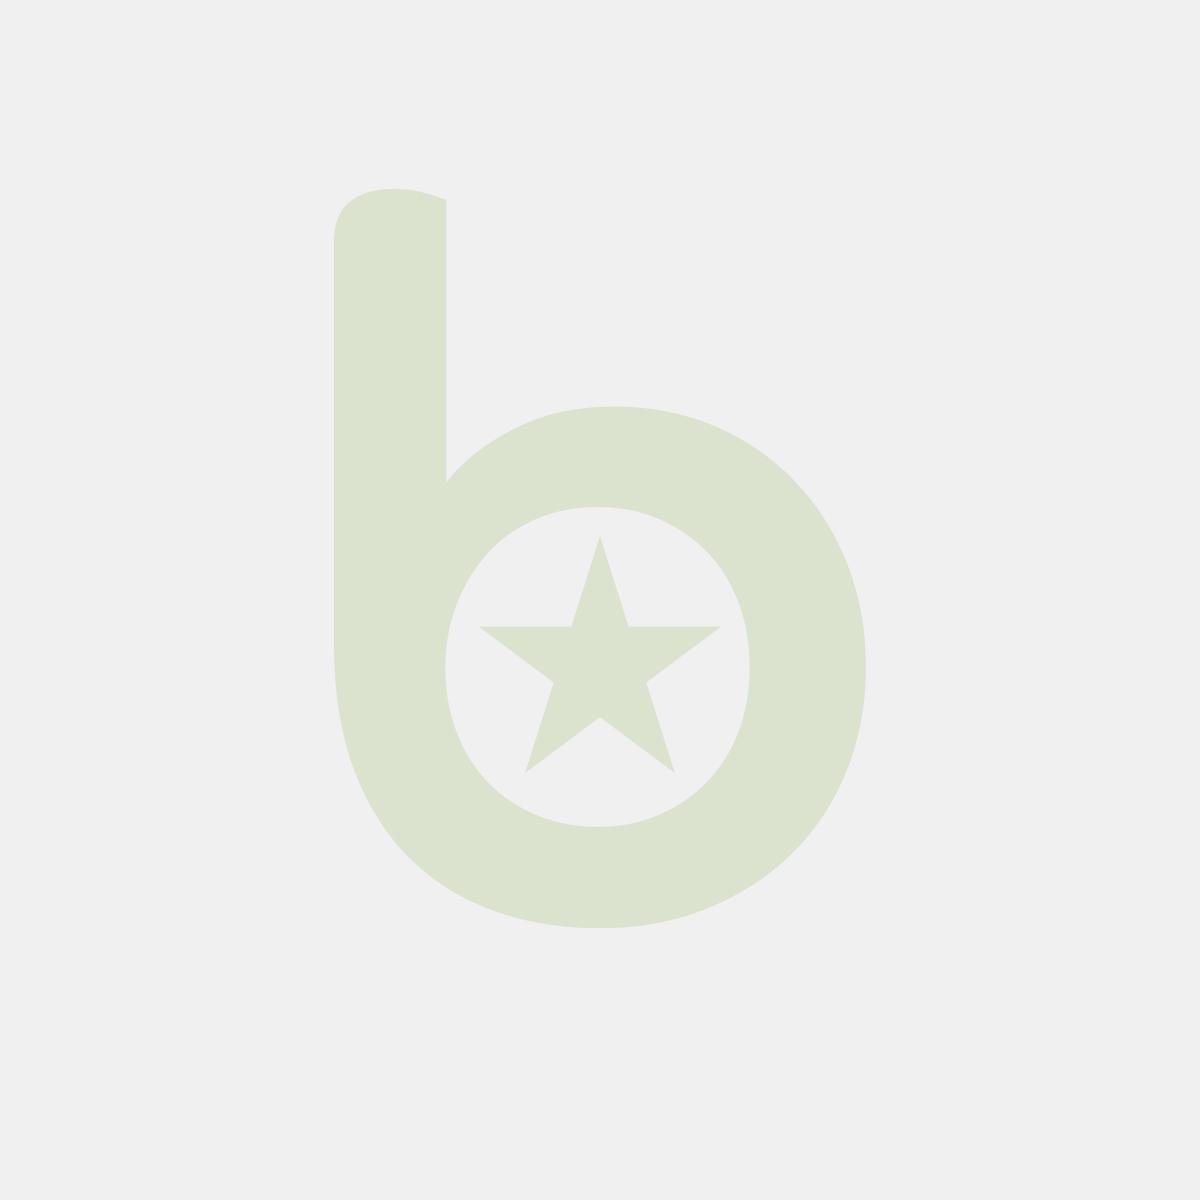 Jodła - deska do serwowania 12,5x20x1,8cm